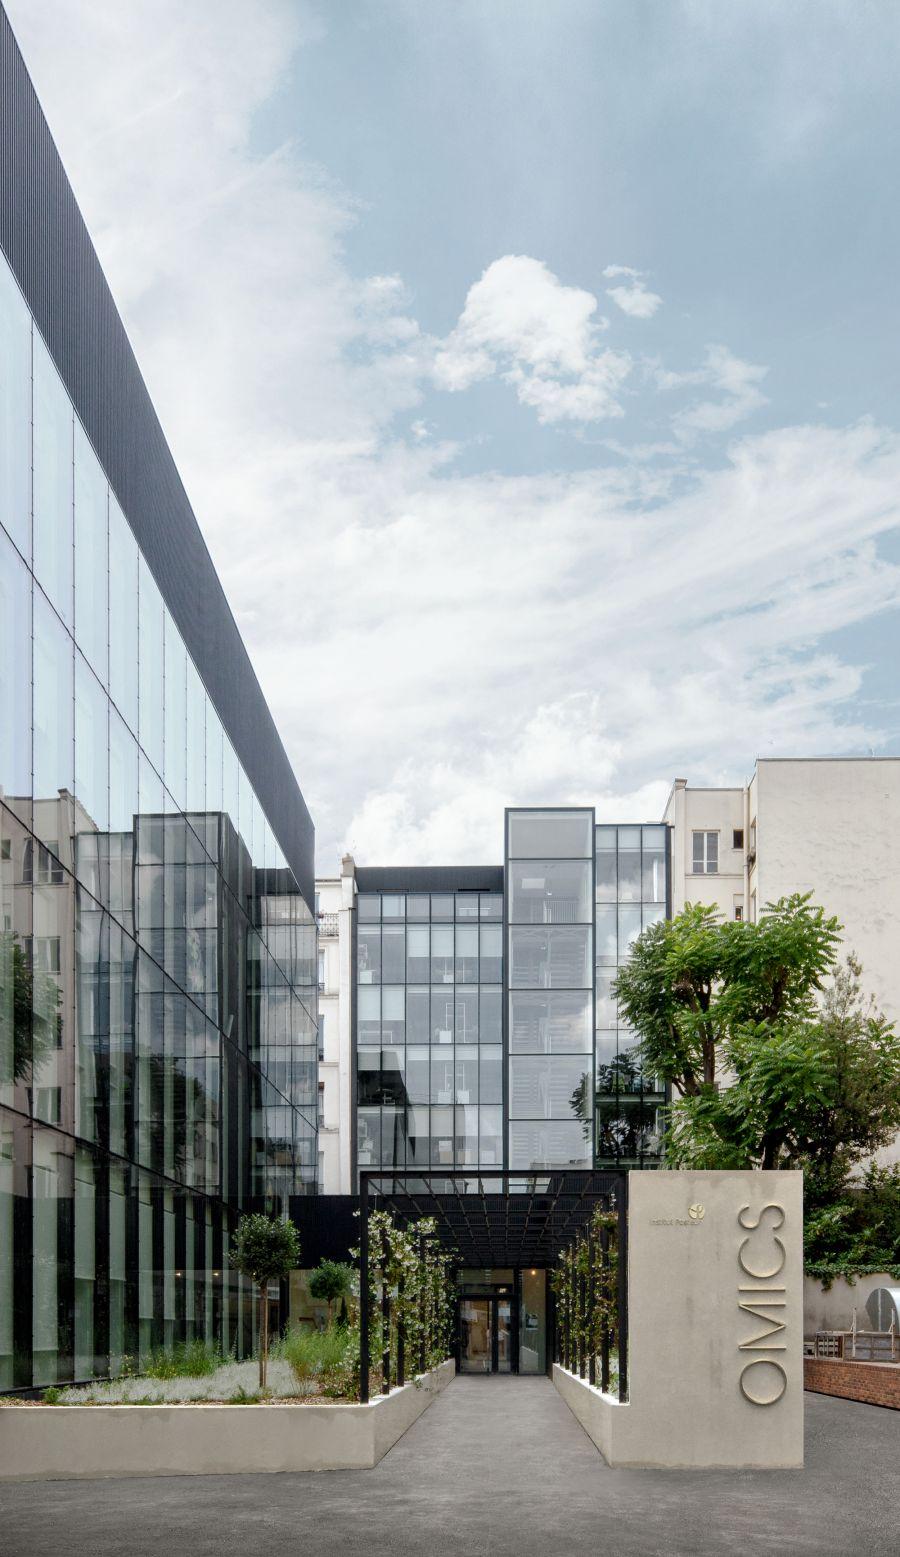 Omics - Arch. Daarchitectes - Photo : Antoine Bonnafous Photographie